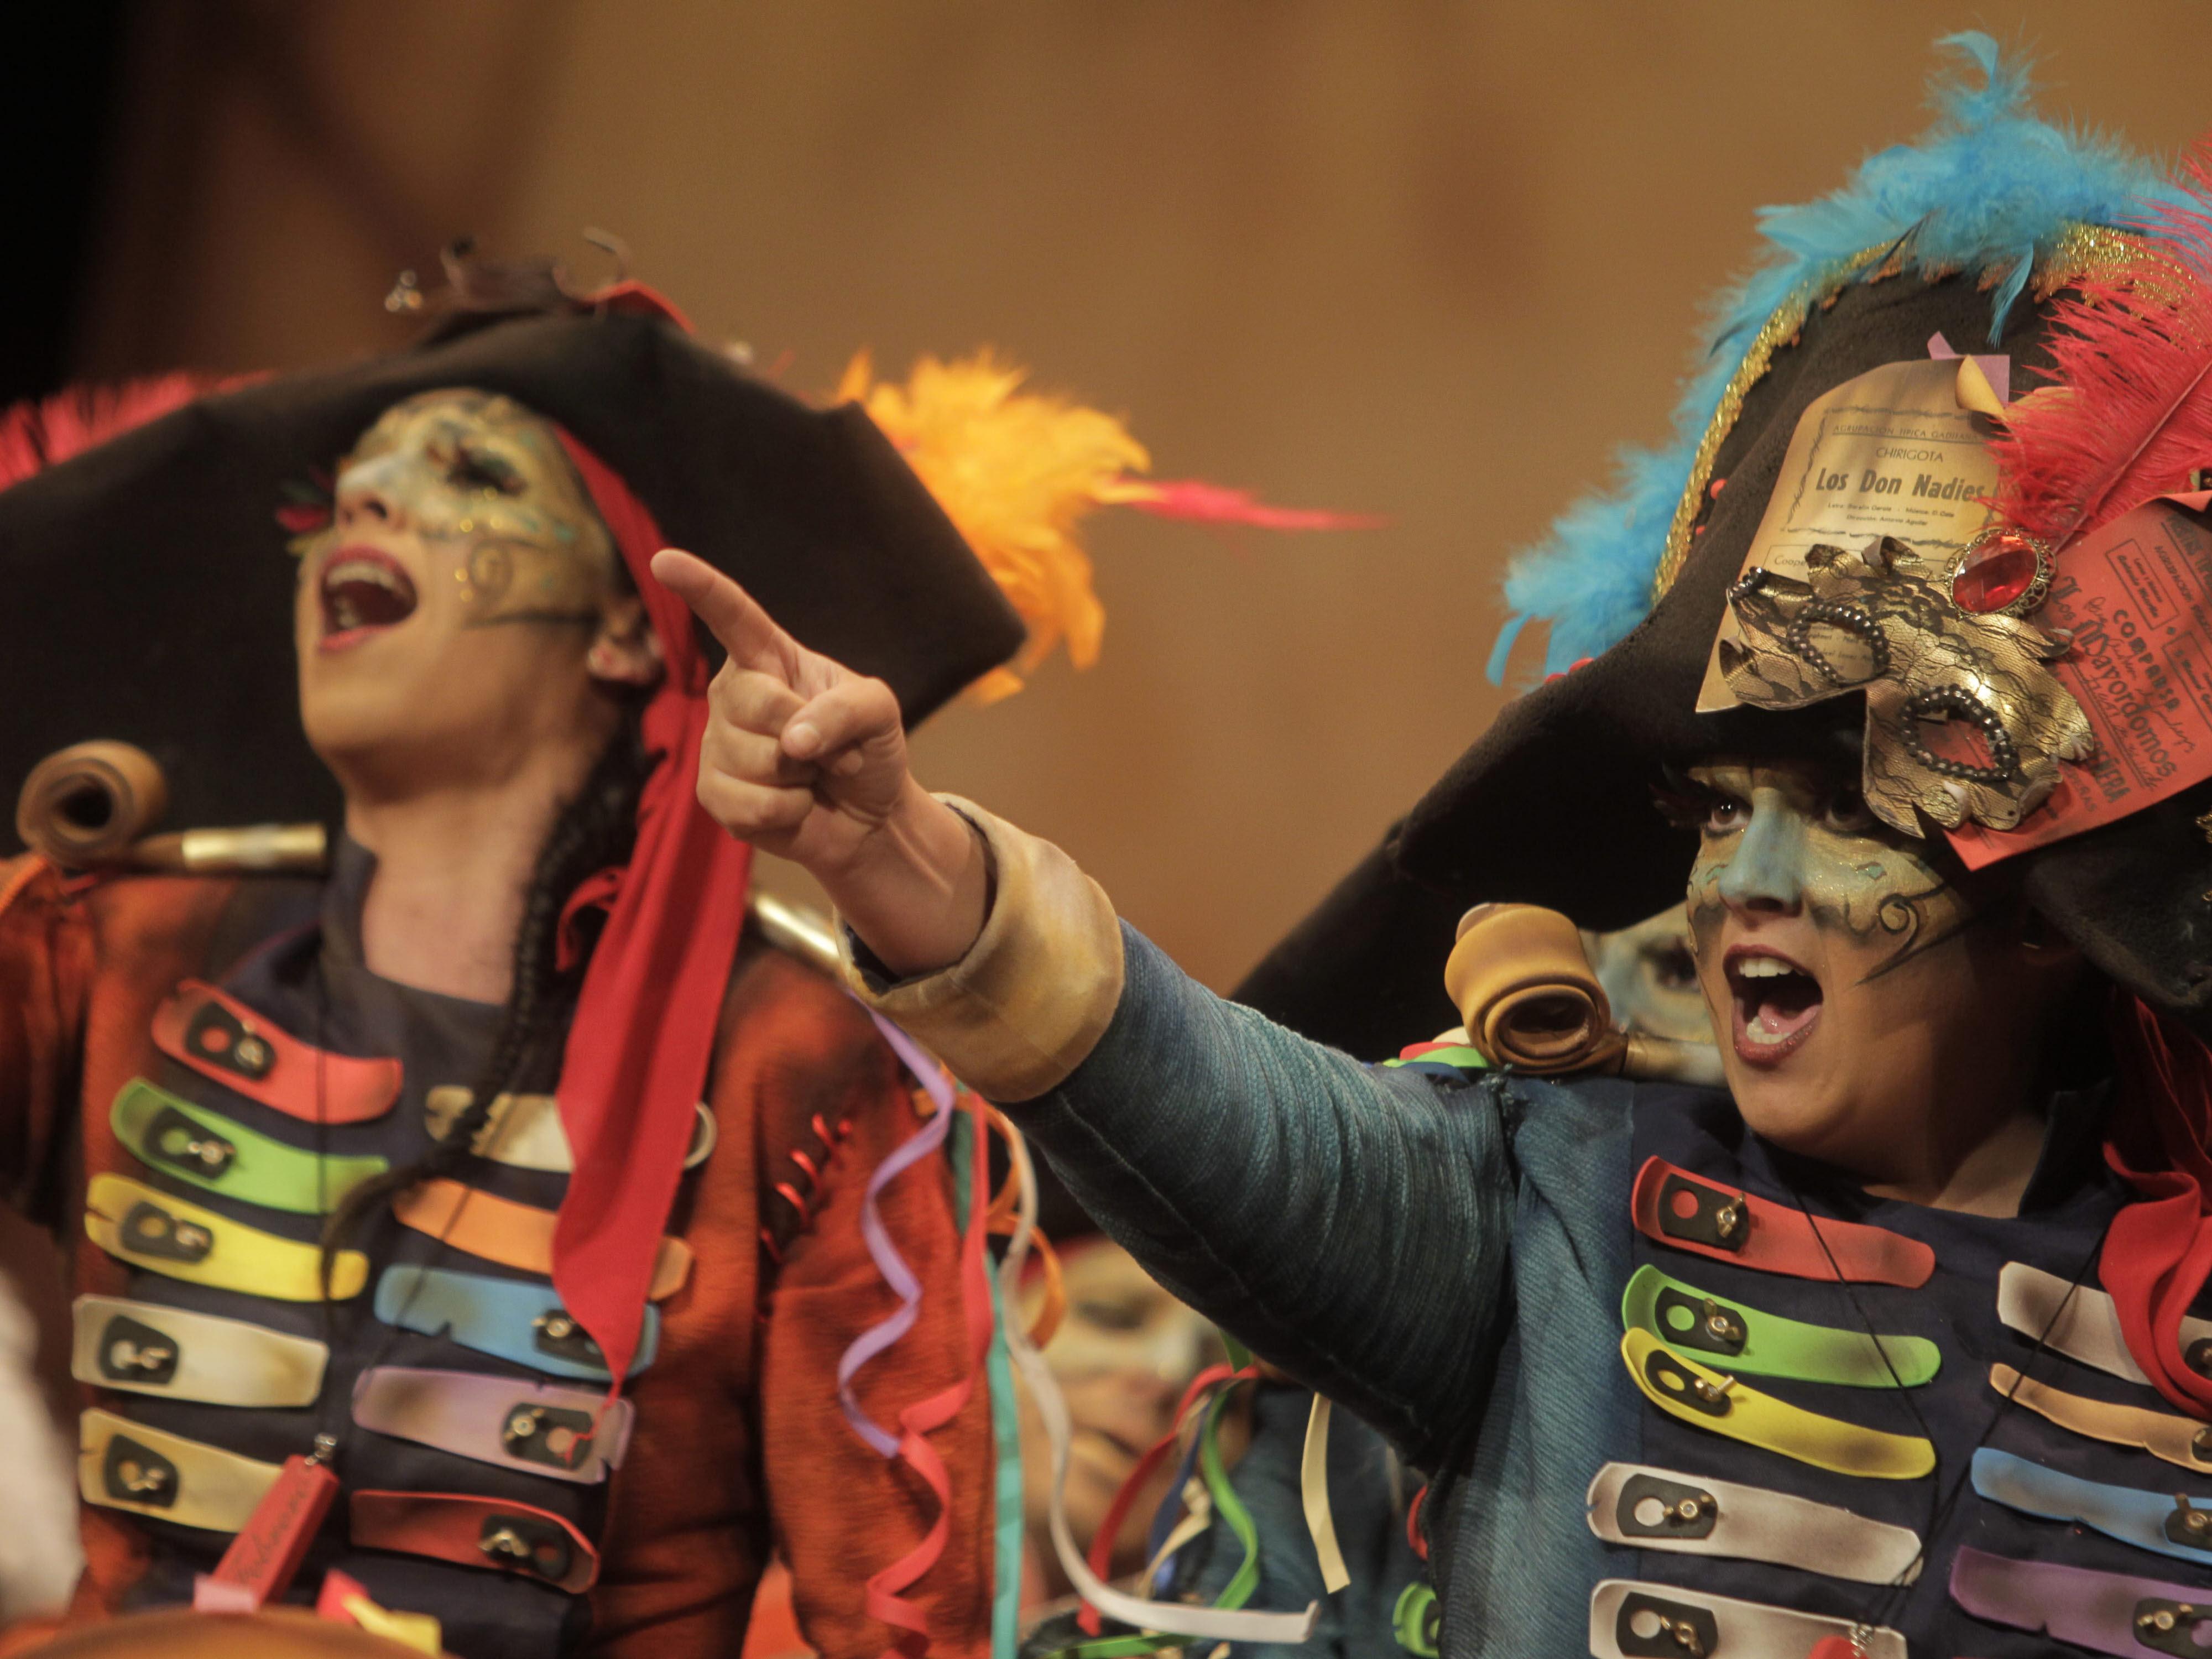 Los Nueve Mejores Pasodobles Del Carnaval De Cádiz Dedicados